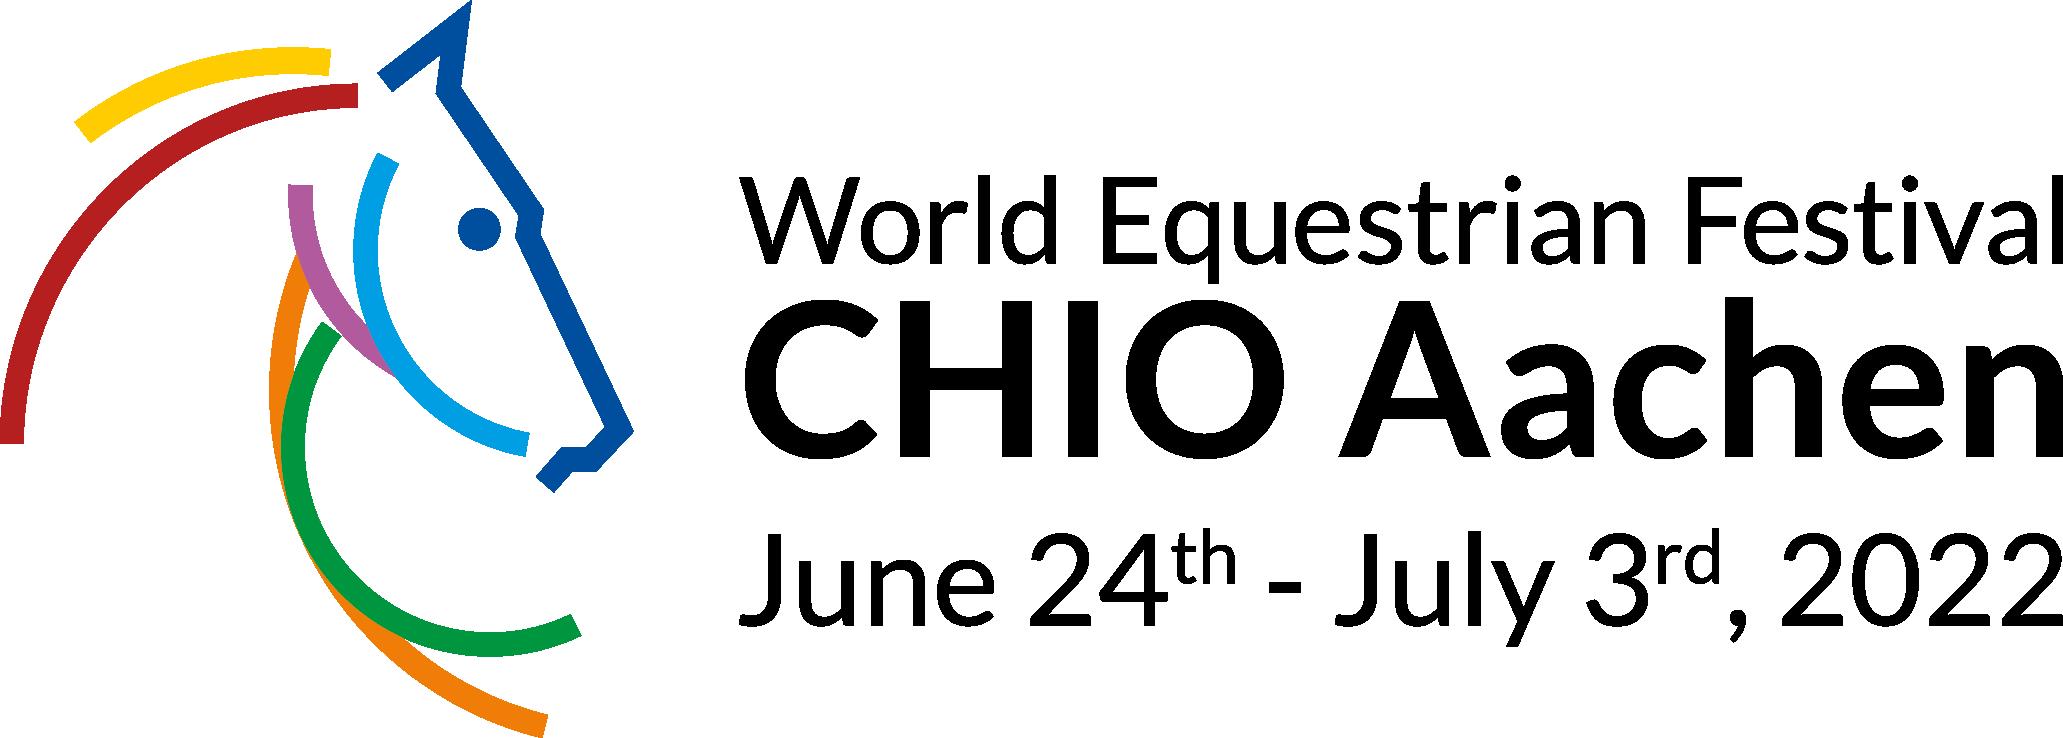 CHIO_2022_Blocksatz_Datum_E